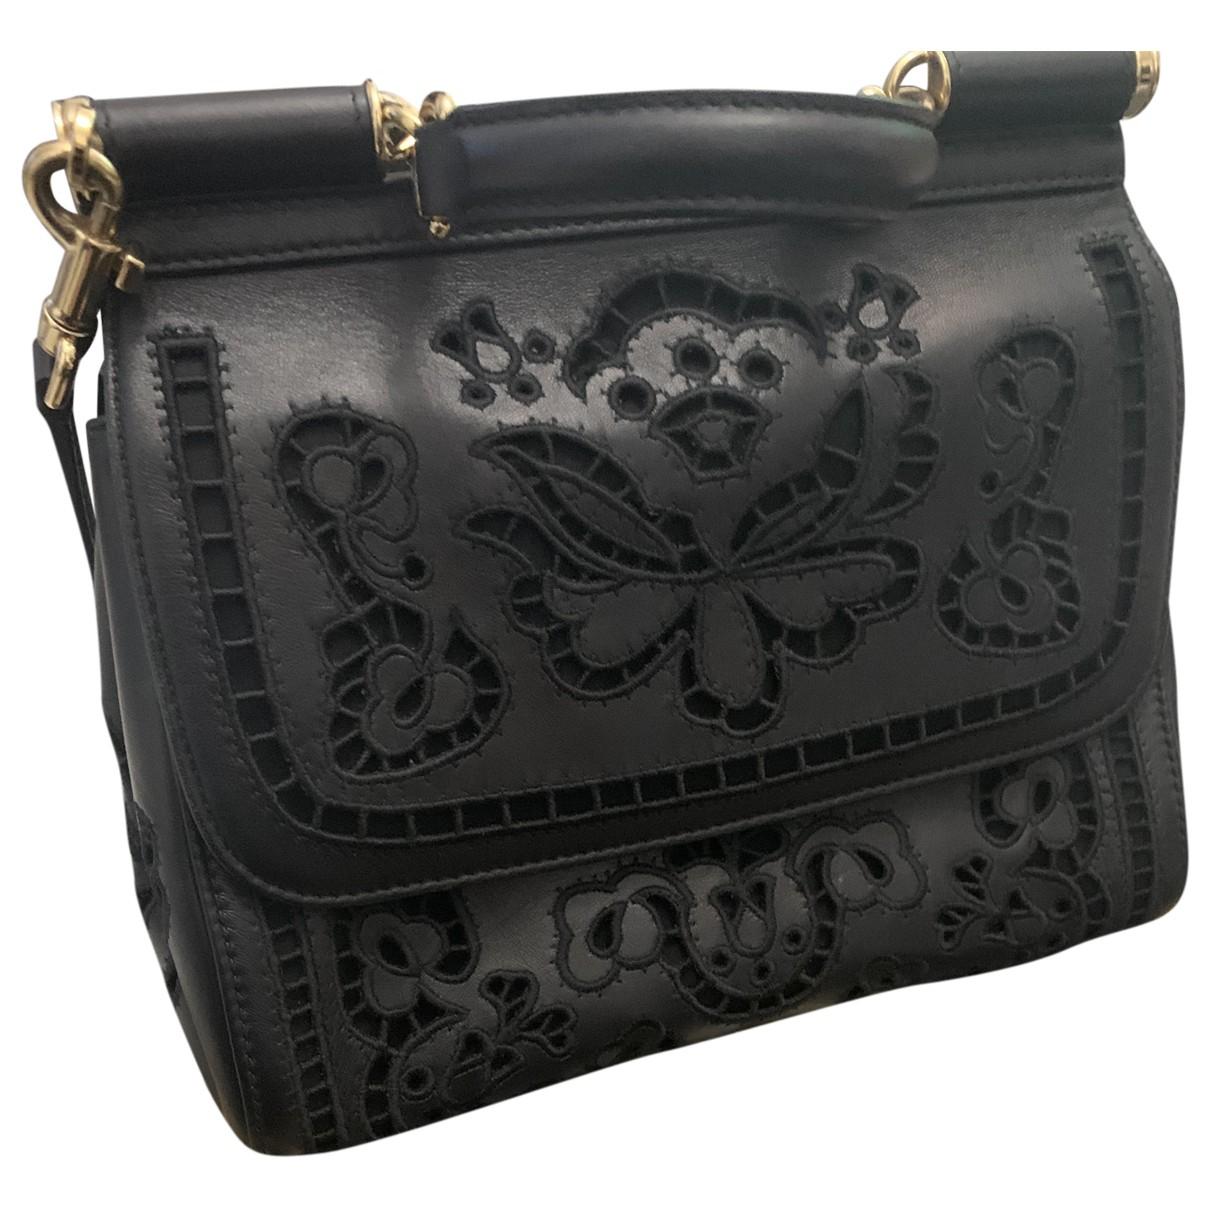 Dolce & Gabbana Sicily Black Leather handbag for Women N